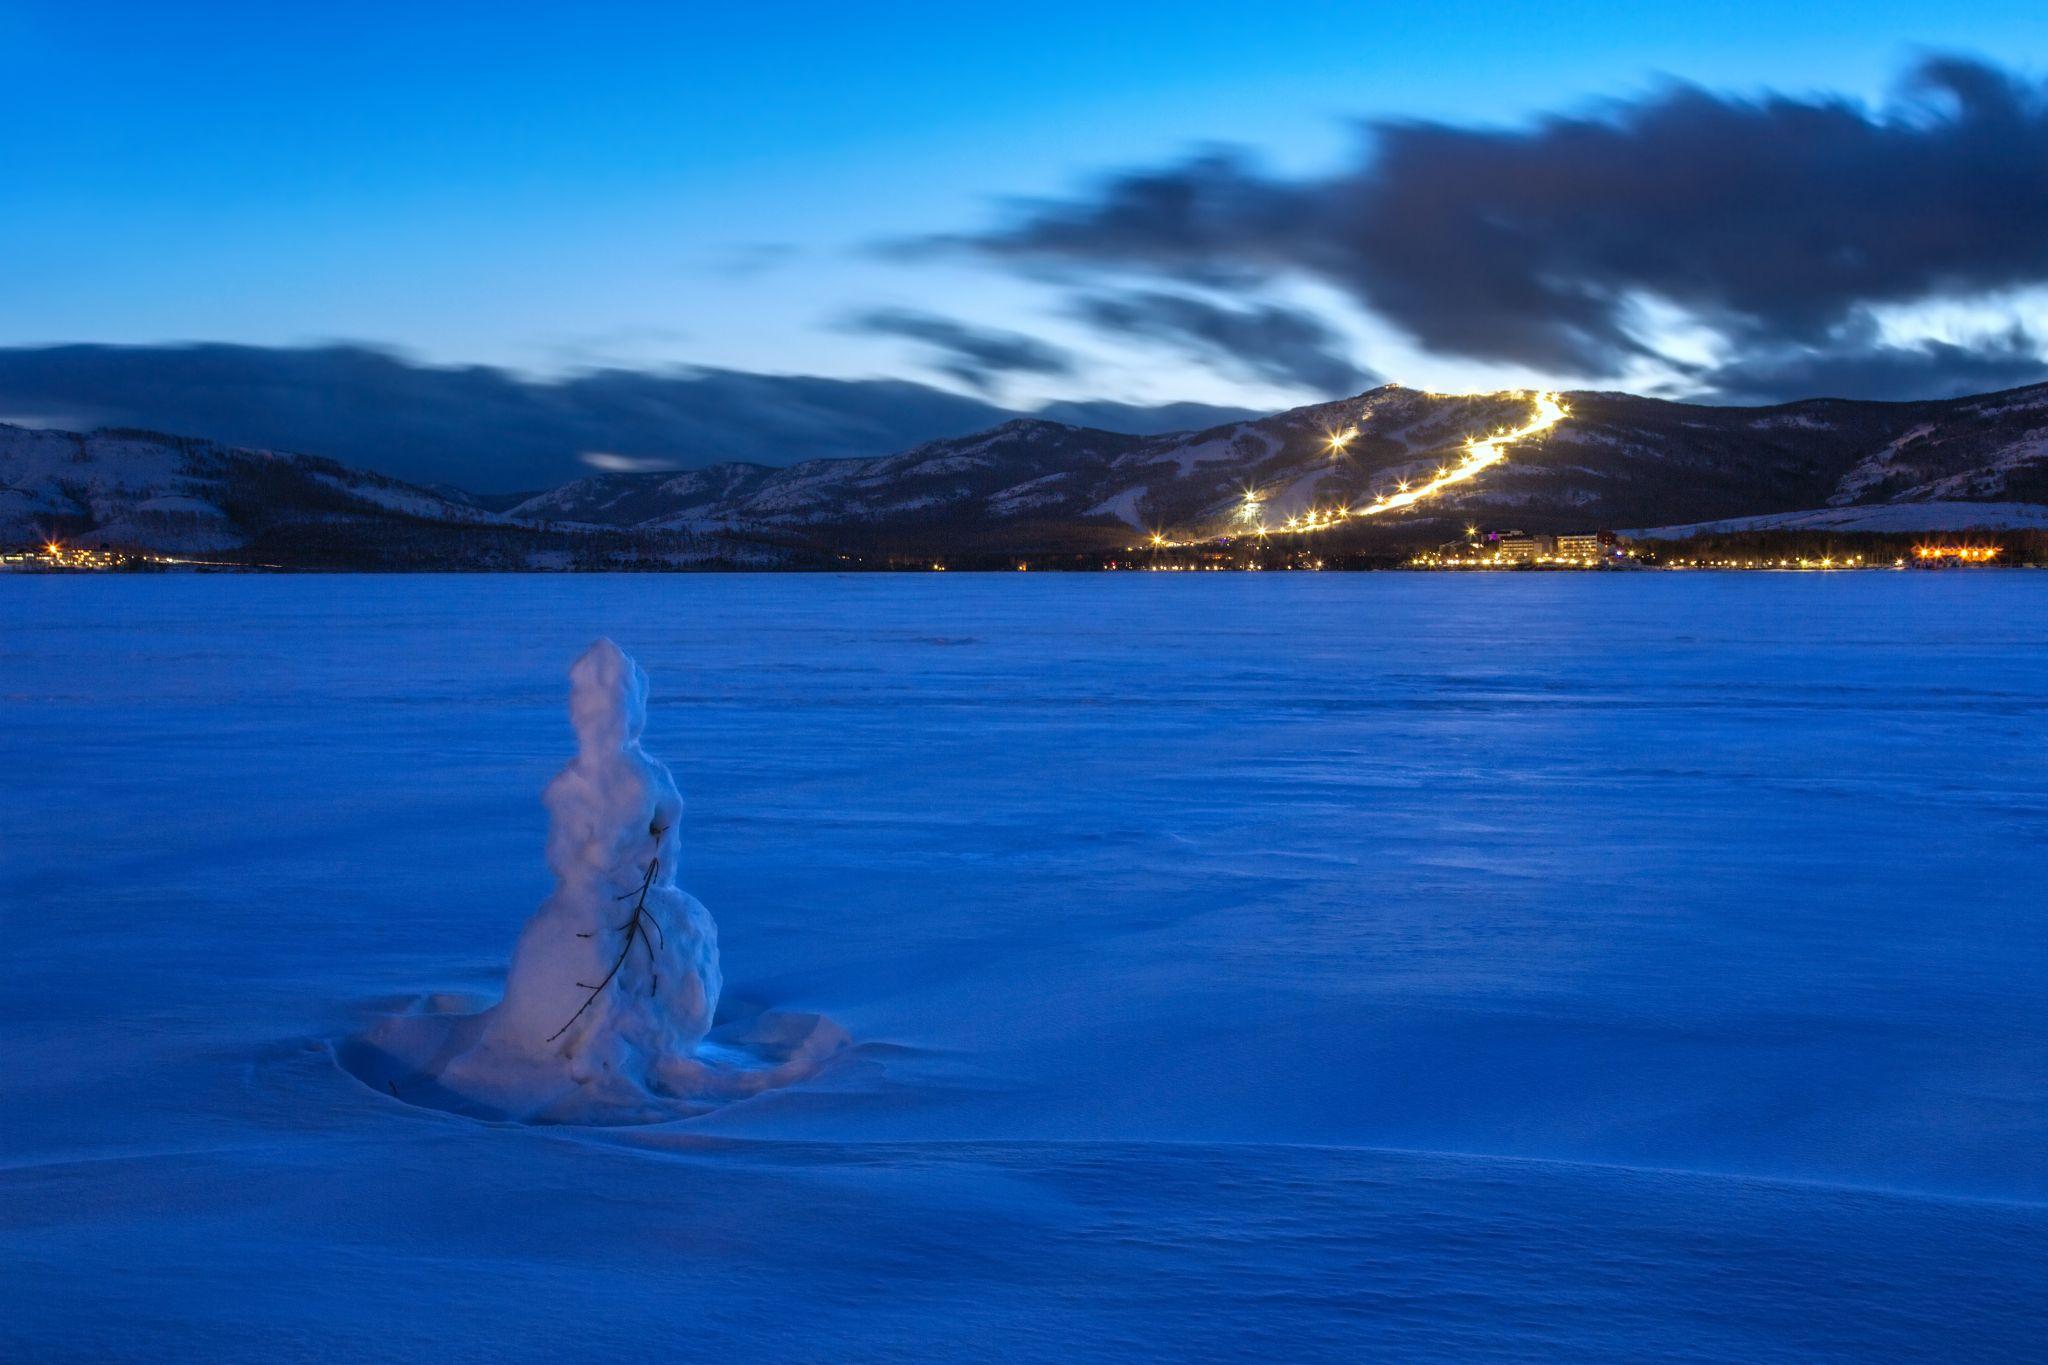 Снеговик. by Alexander Sysuev